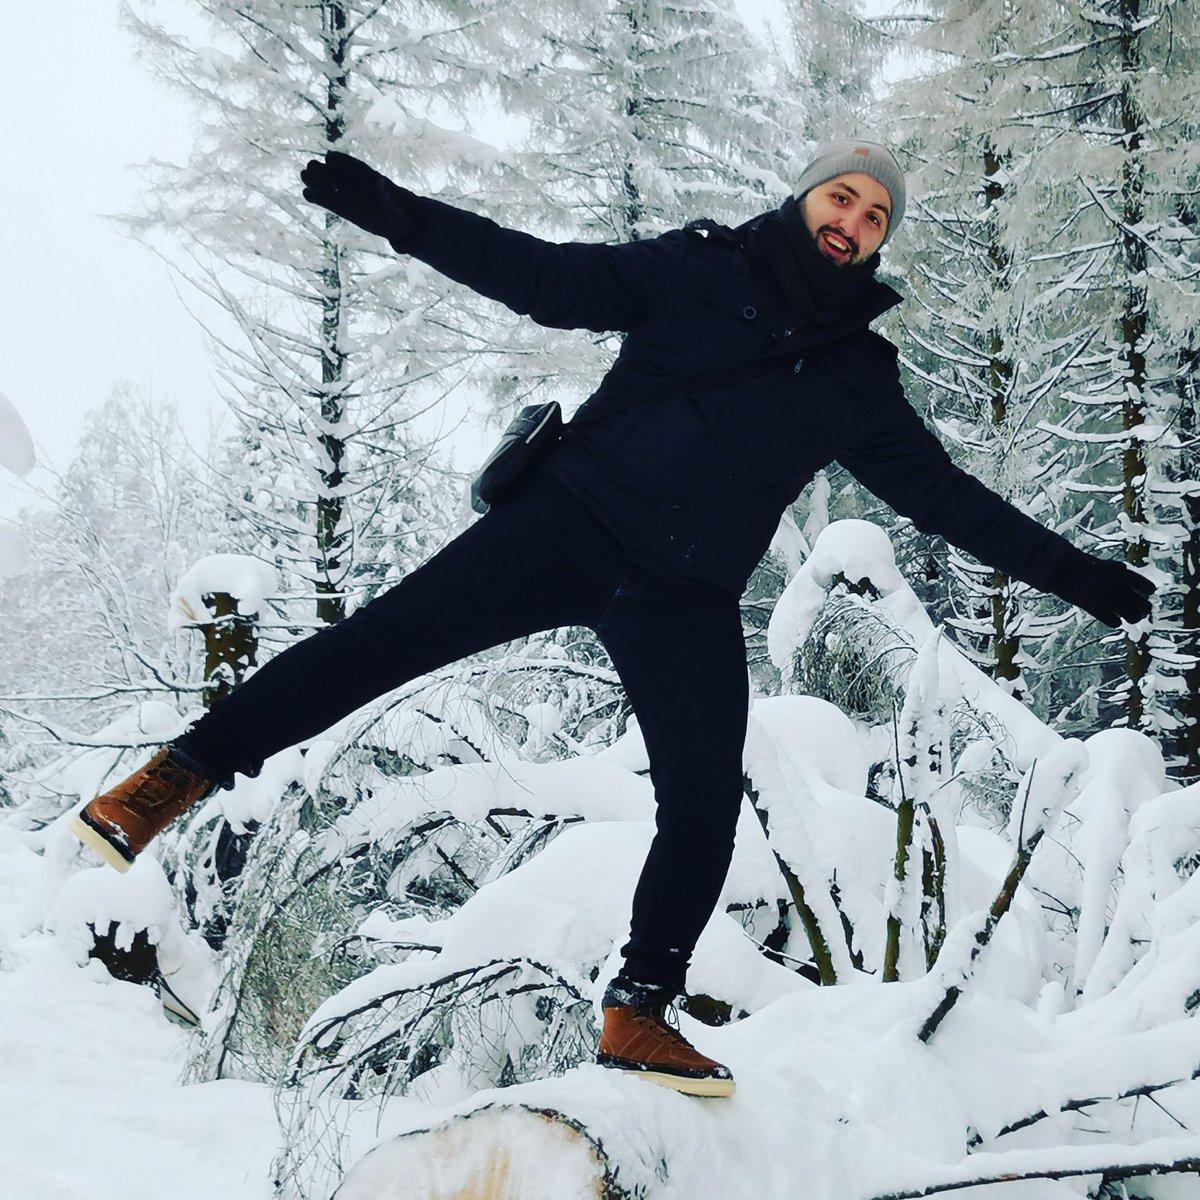 Heute war ich wandern, etwas die Seele atmen lassen. Folgt mir doch auf YouTube bei meinen LetsPlays :) 💙 Regelmäßige VideoUploads! 💙  Gamingkanal (NEU)  Mein YT-Link 🔻🔻🔻   #Gaming MitMare #YouTube #snow #Schnee #nature #youtuber #Deutschland #Germany